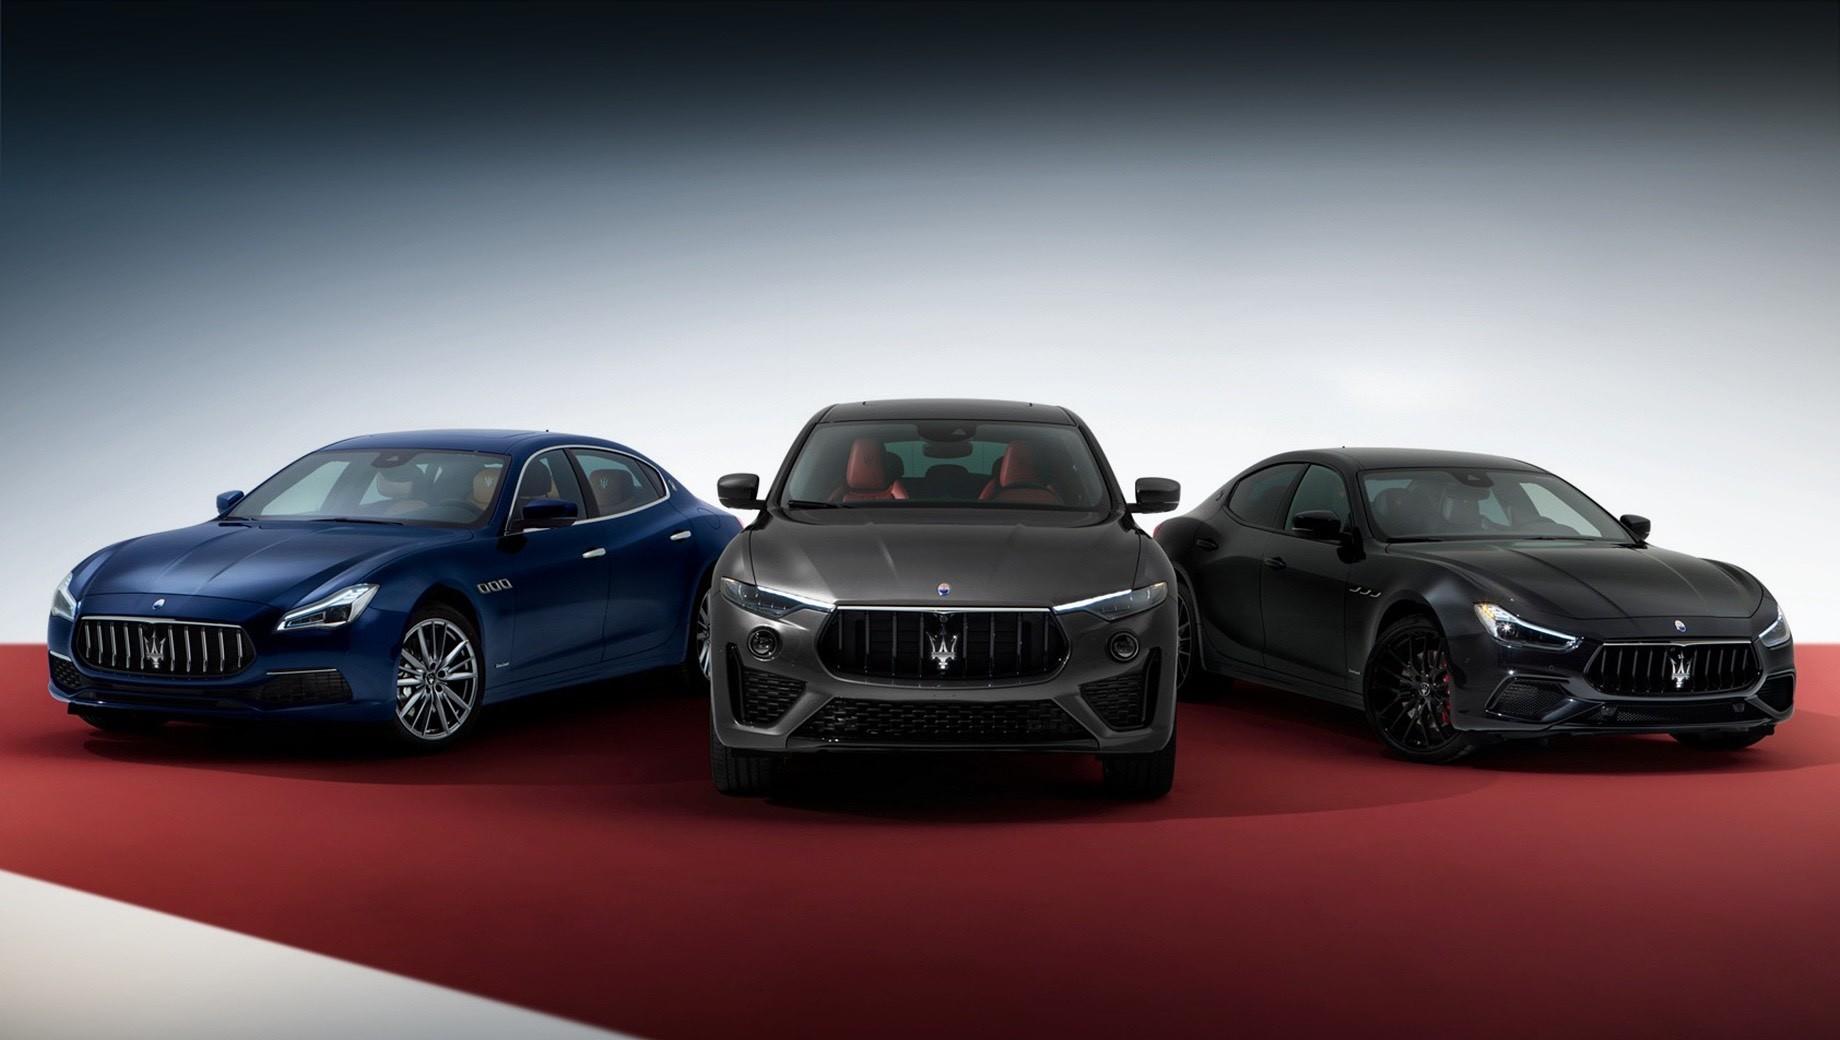 Maserati quattroporte,Maserati levante,Maserati ghibli. Maserati Ghibli, Quattroporte и Levante получили автопилот второго уровня, с которым автомобили могут самостоятельно двигаться по любым дорогам с хорошей разметкой на скоростях до 145 км/ч. Также появилась возможность управлять функциями автомобиля с помощью мобильного приложения.